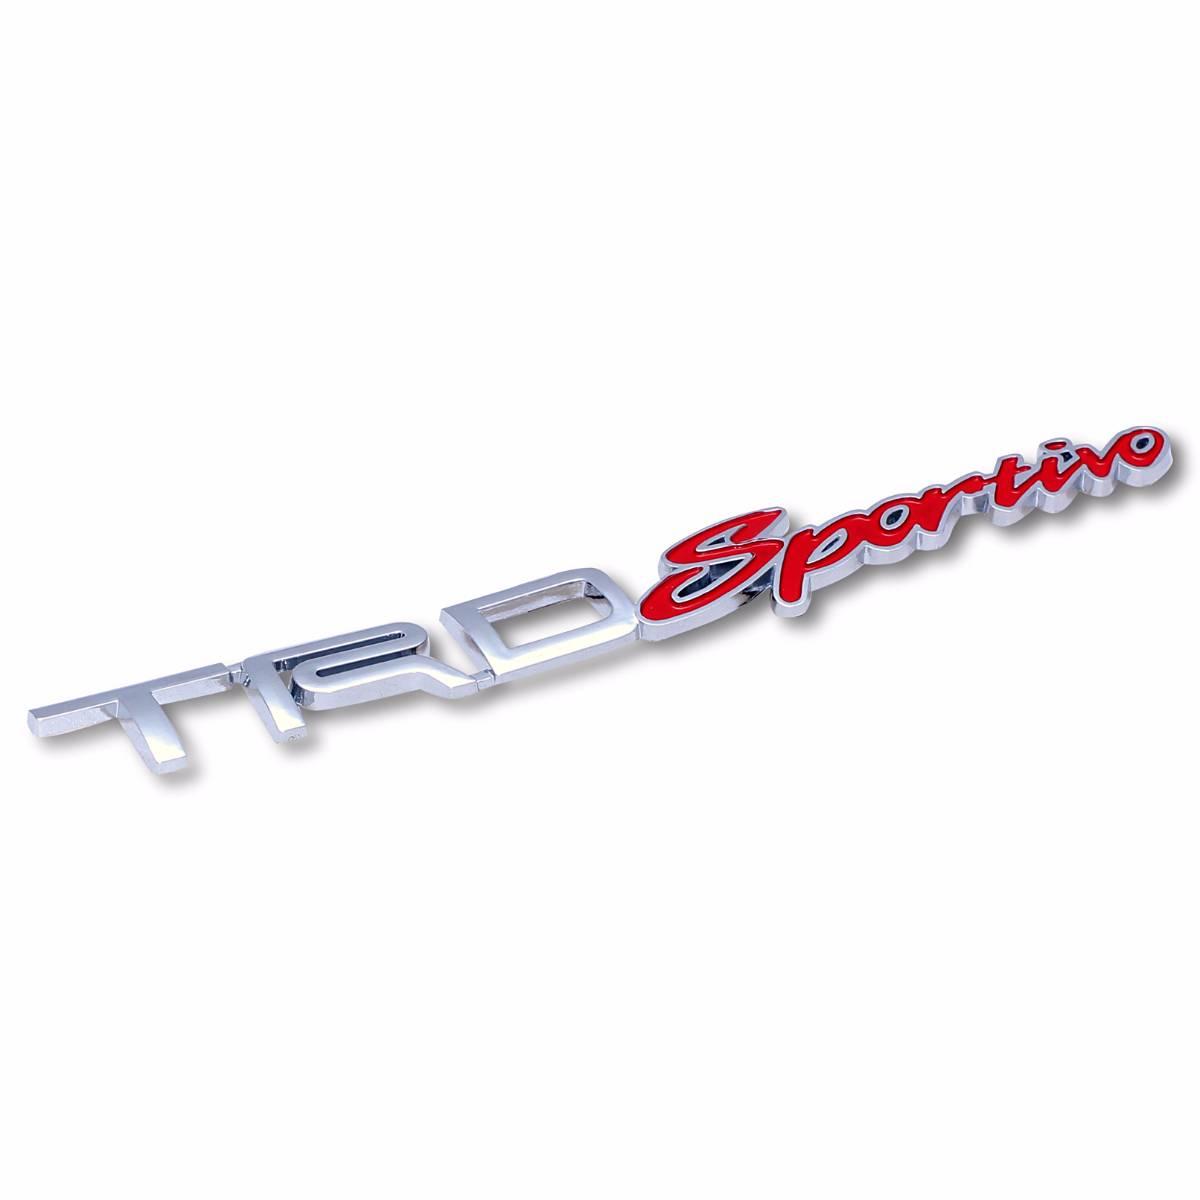 Emblem Logo Trd Sportivo